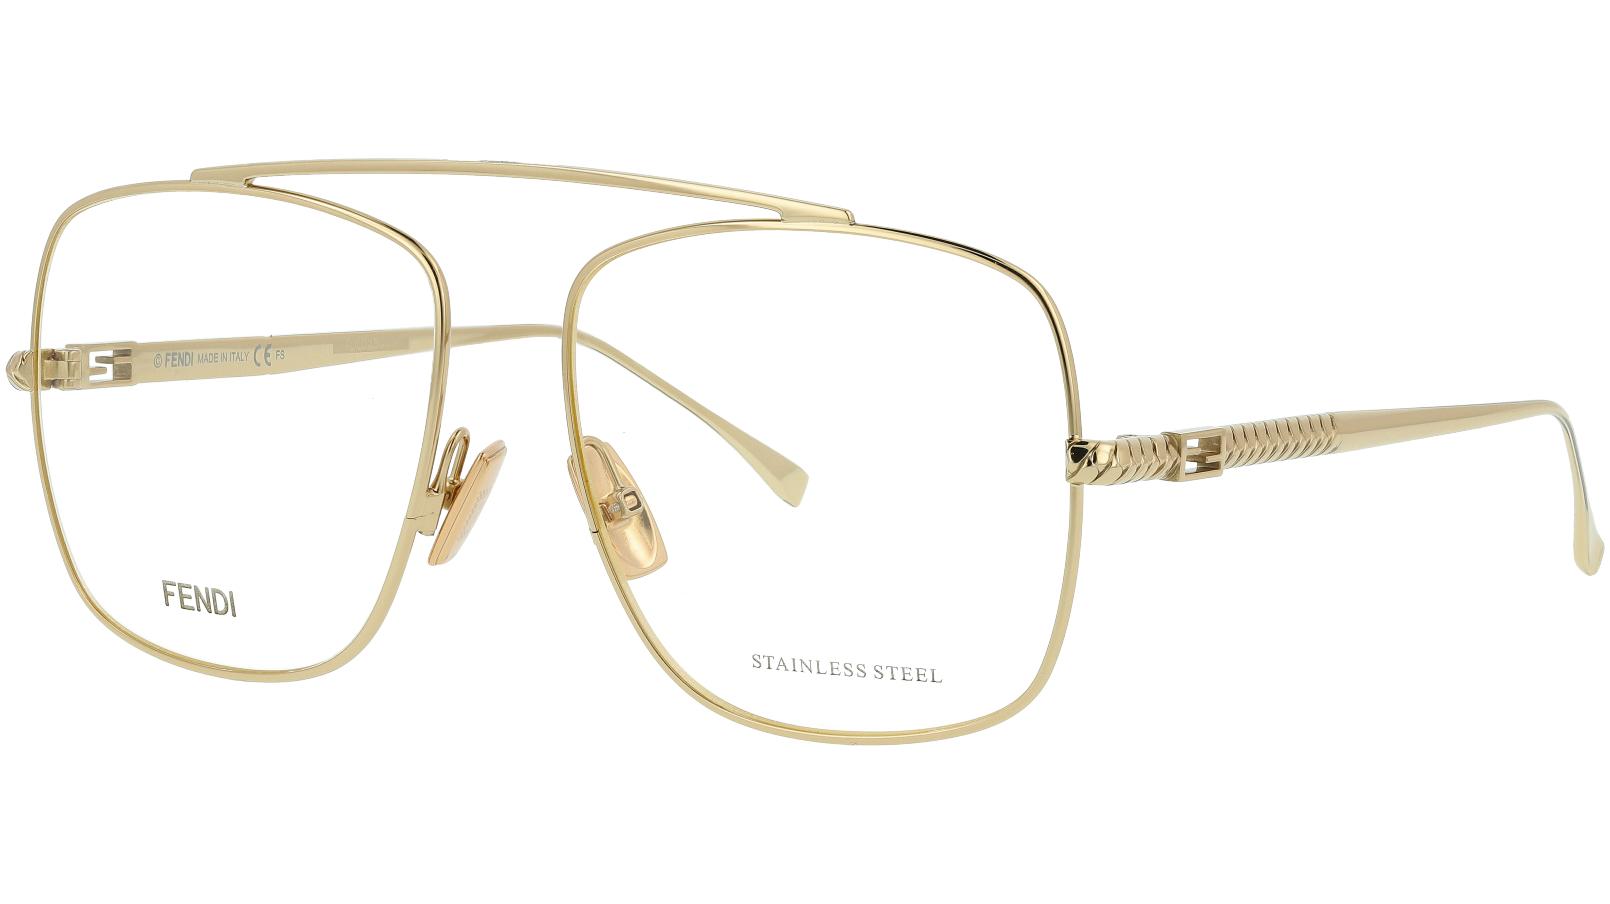 Fendi FF0445 J5G 57 GOLD Glasses